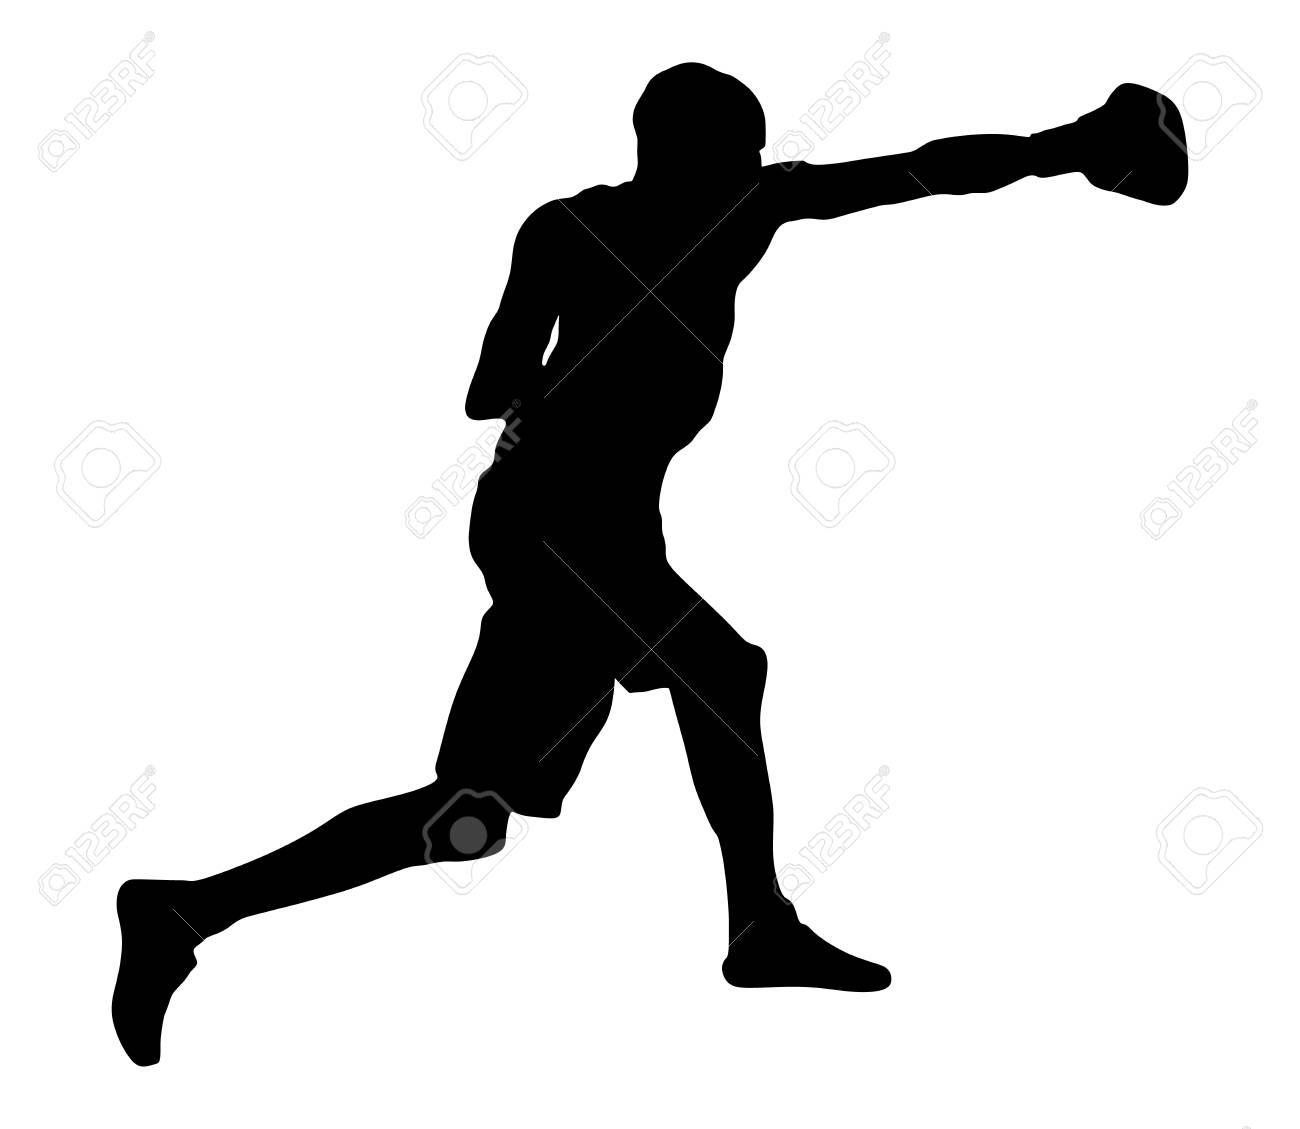 リング ベクトル シルエット イラスト白い背景で隔離のボクサー